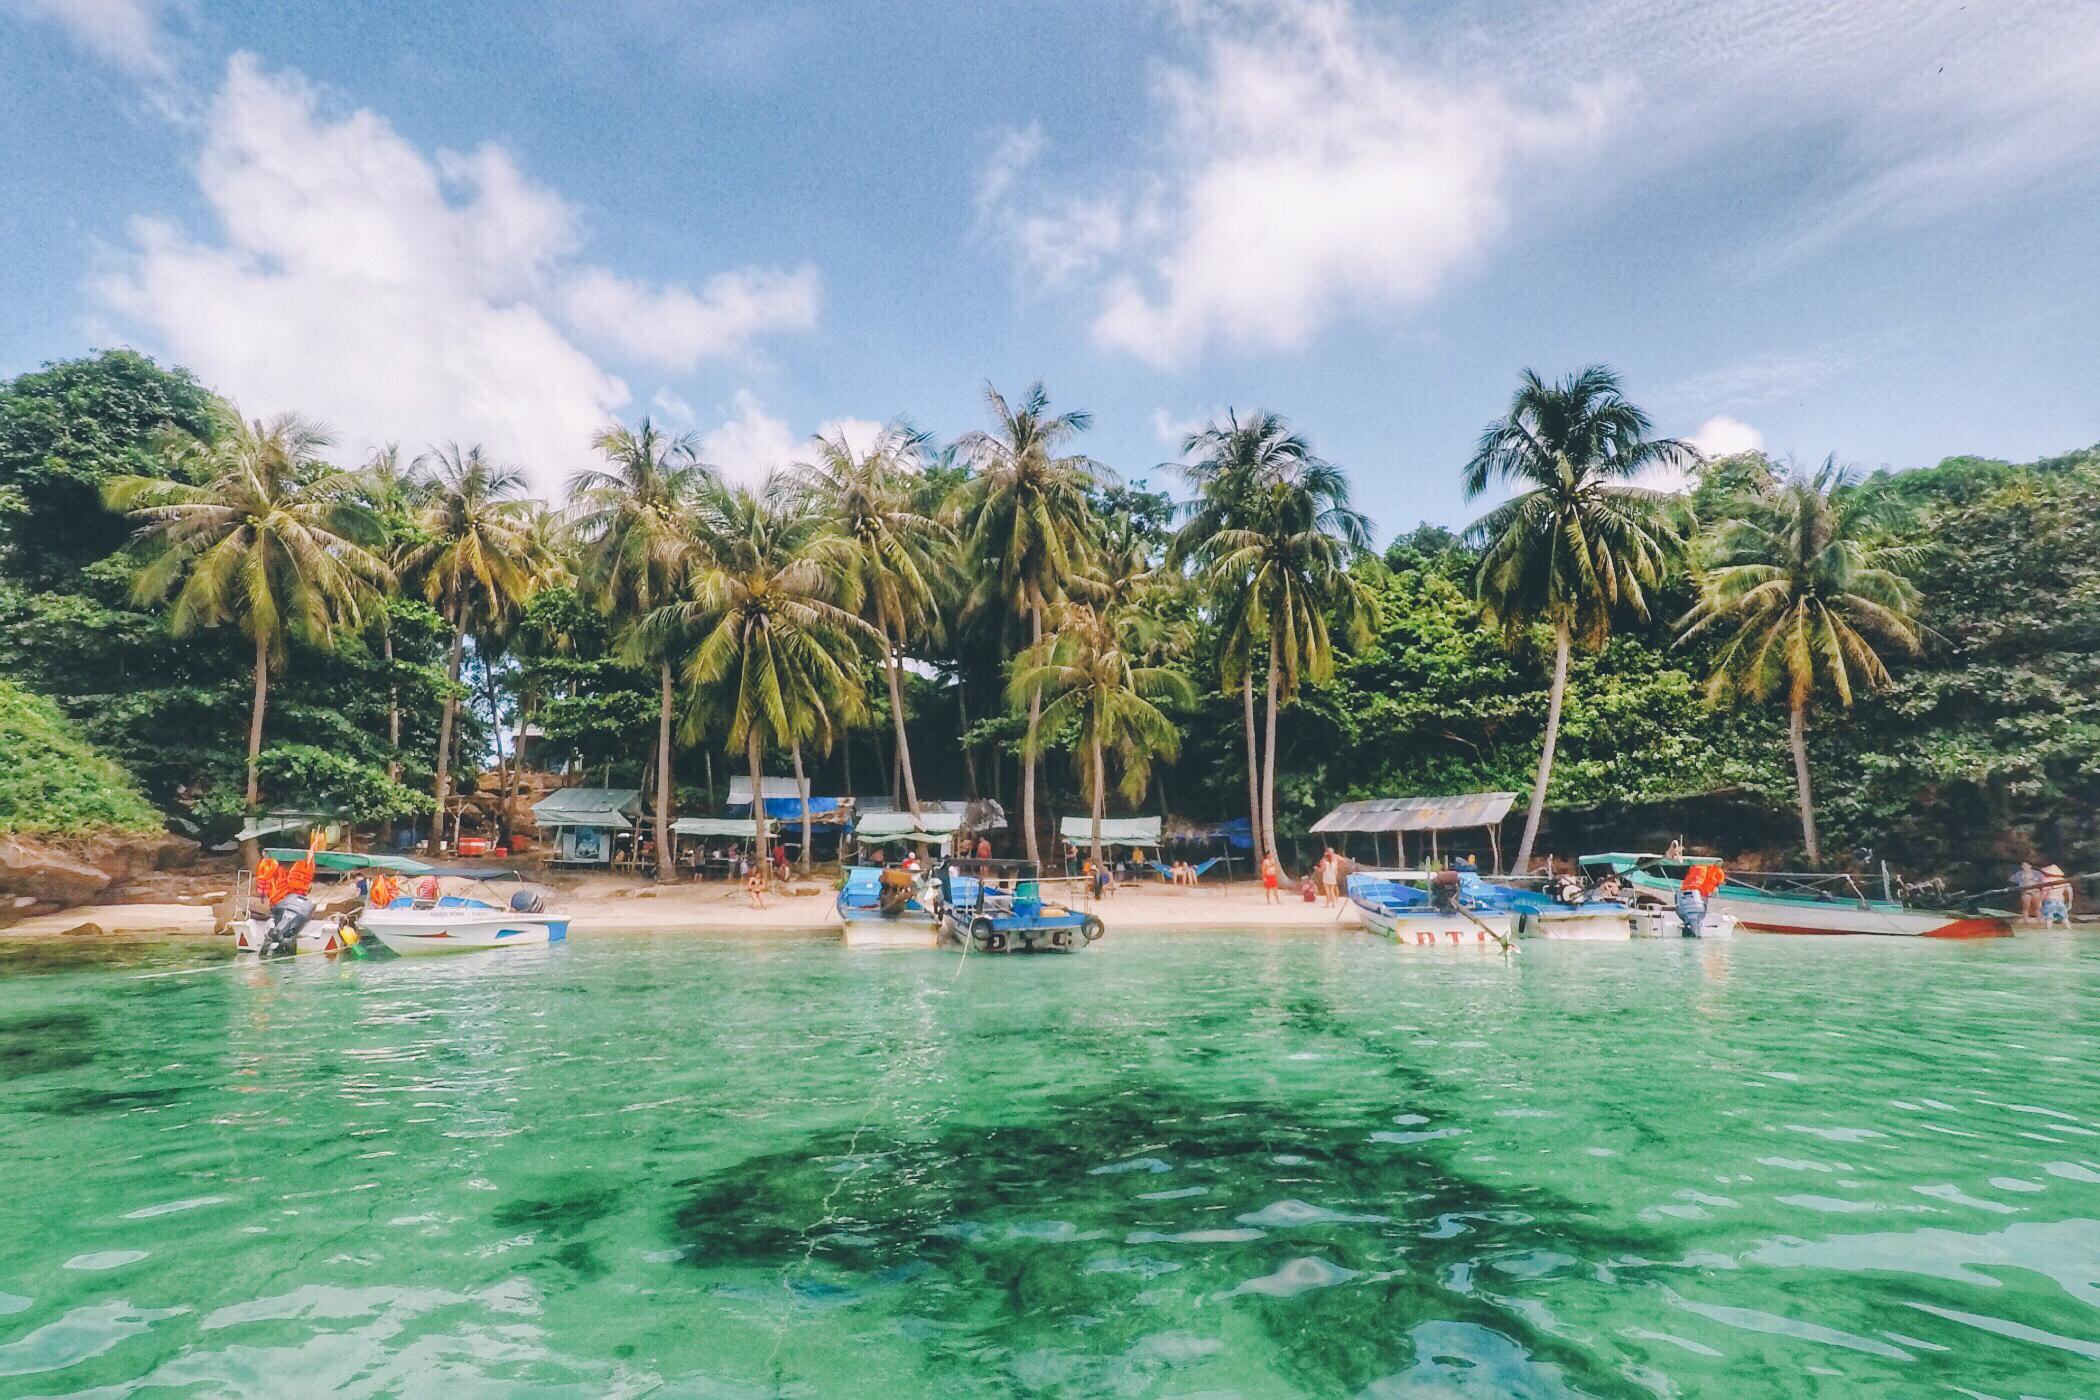 越南富国岛 趣味海钓浮潜 体验深潜一日游(含午餐/提供潜水装备/专业